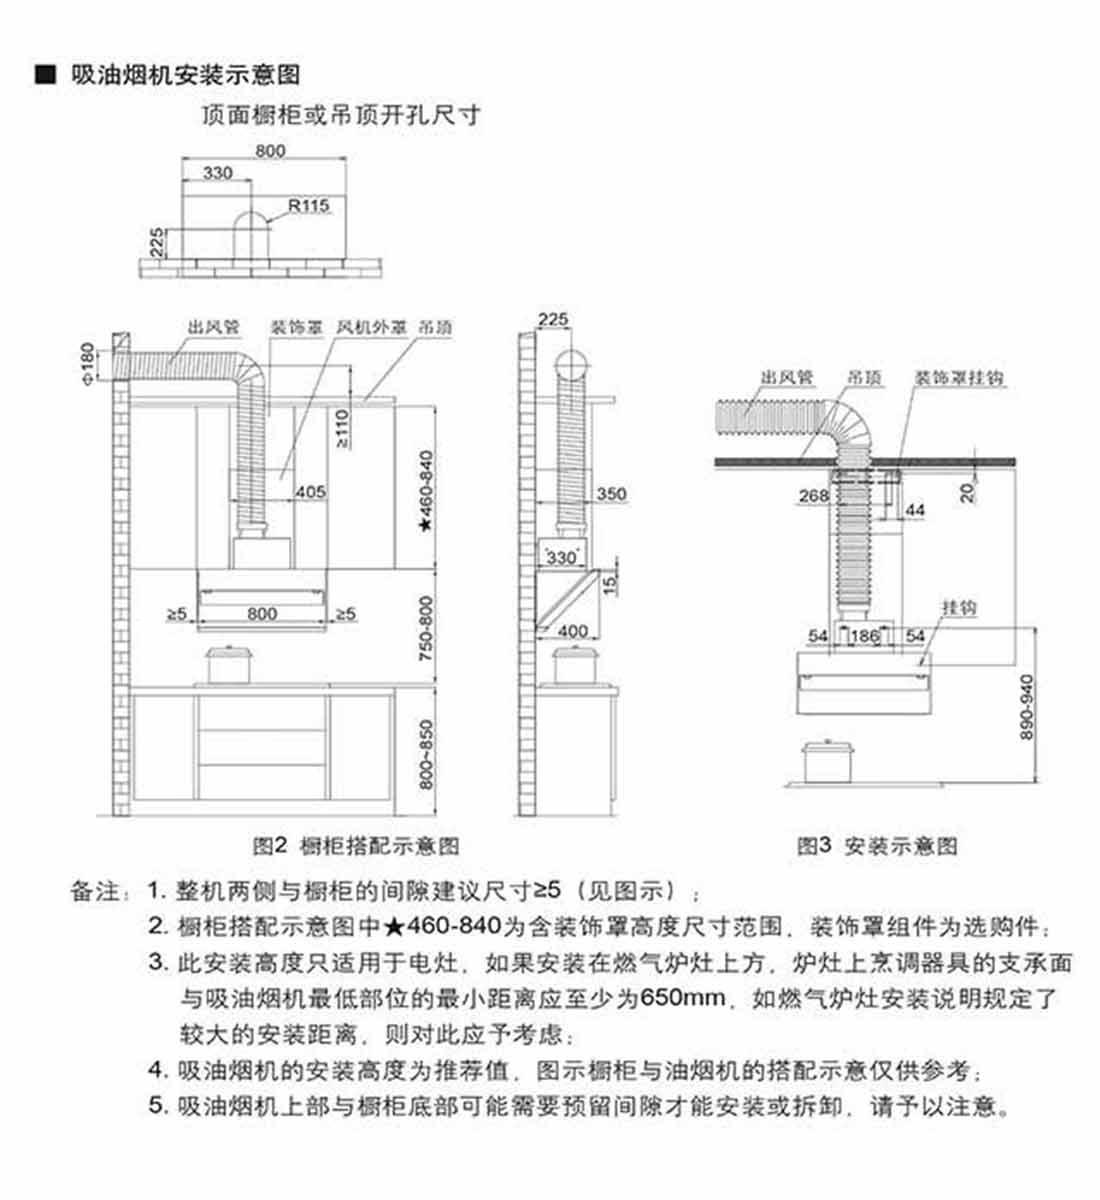 彩28彩票CXW-200-JQ25TS装置表示图